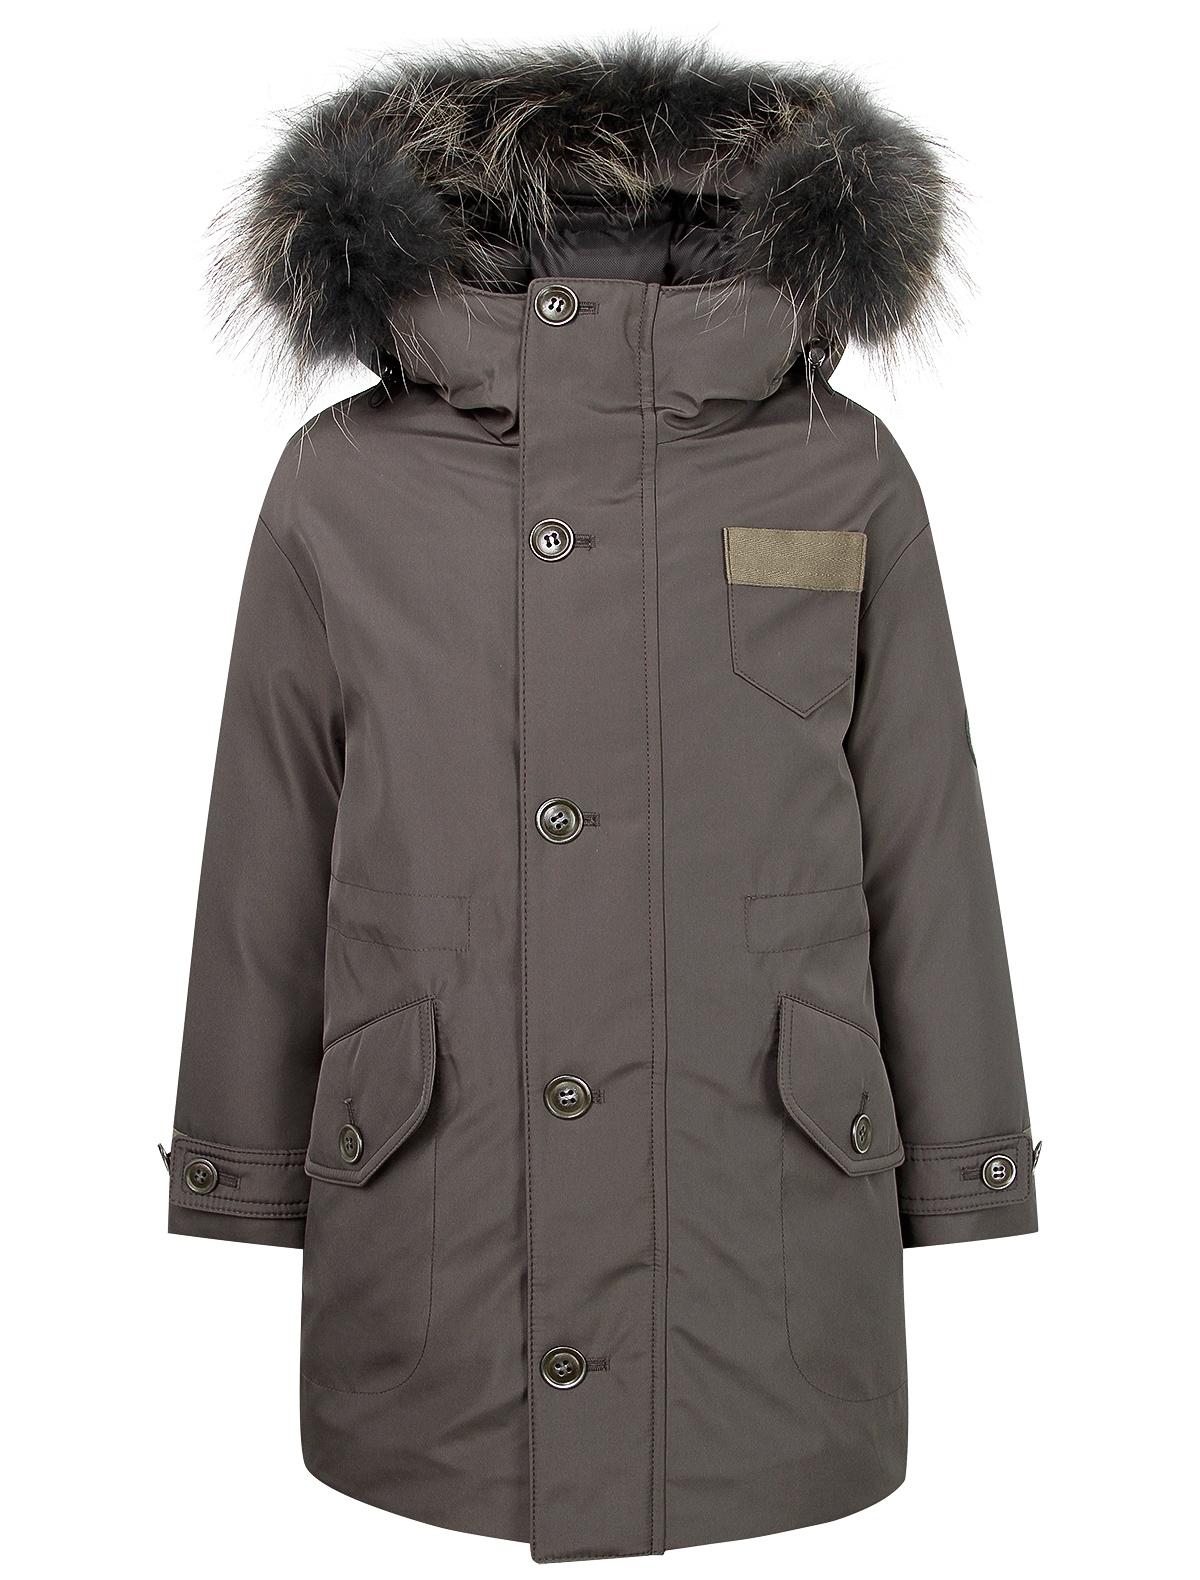 Купить 2121526, Куртка Jums Kids, серый, Мужской, 1071719980173